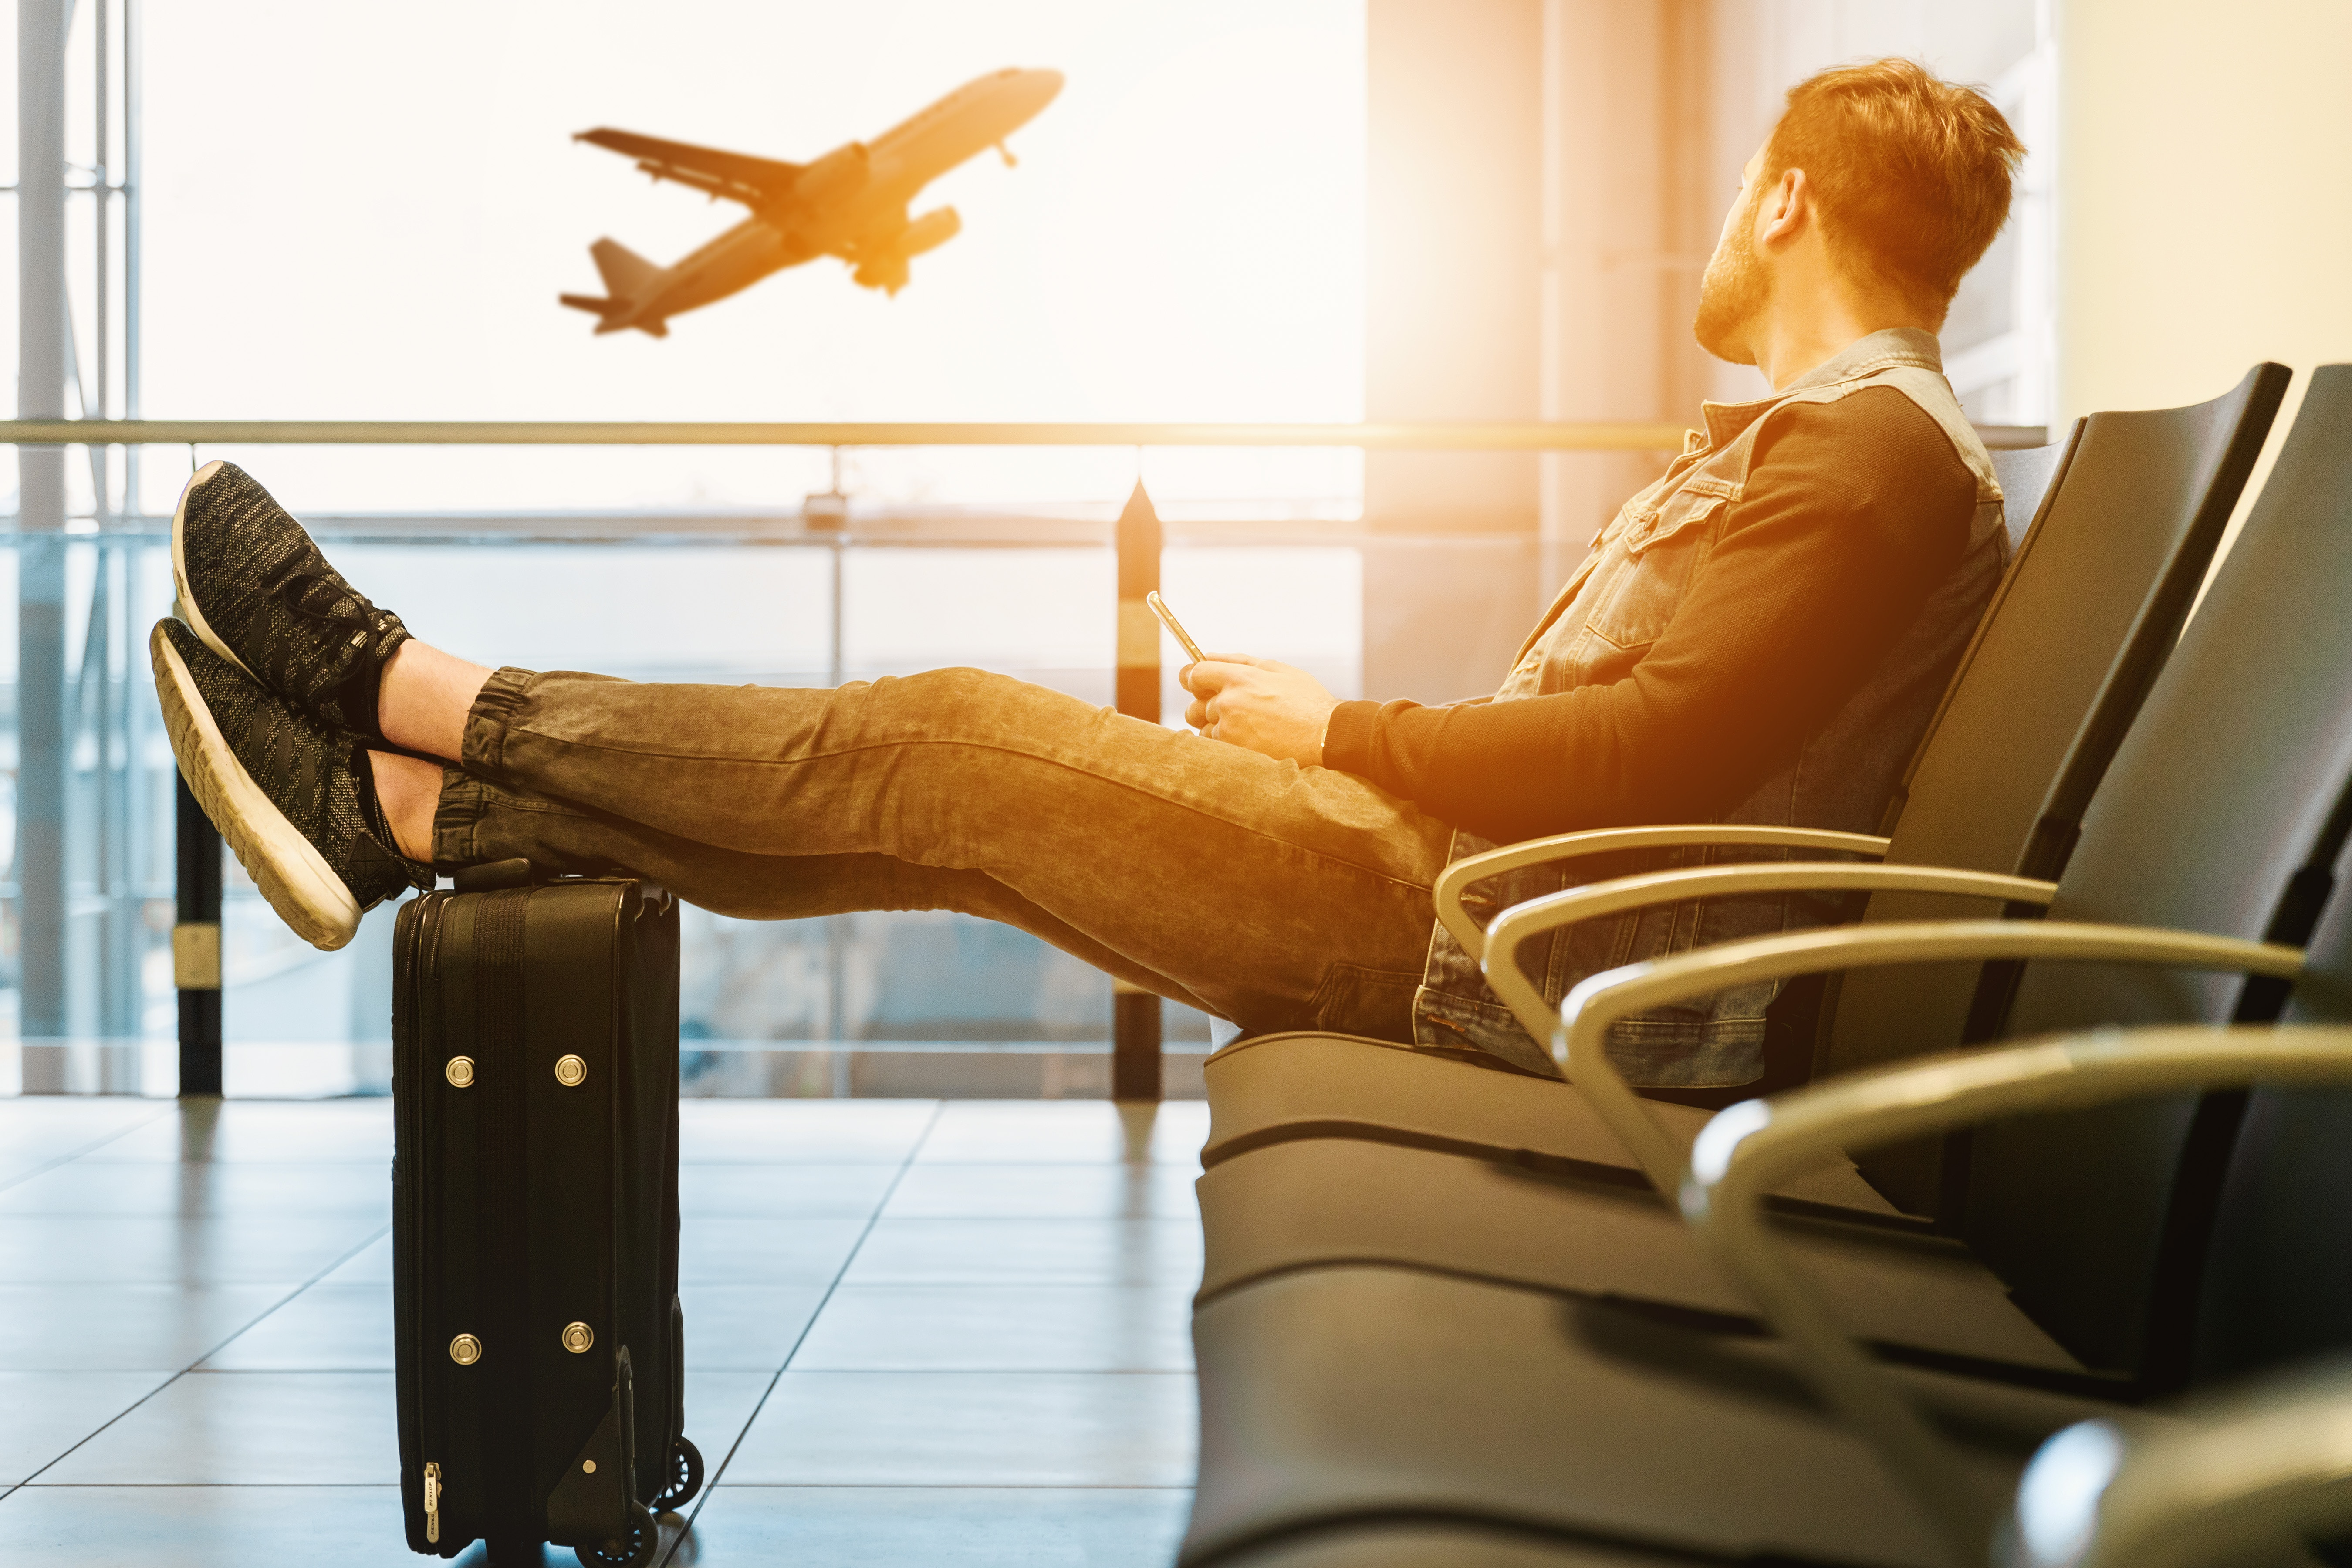 Jakie są zalety wakacji z biurem podróży?